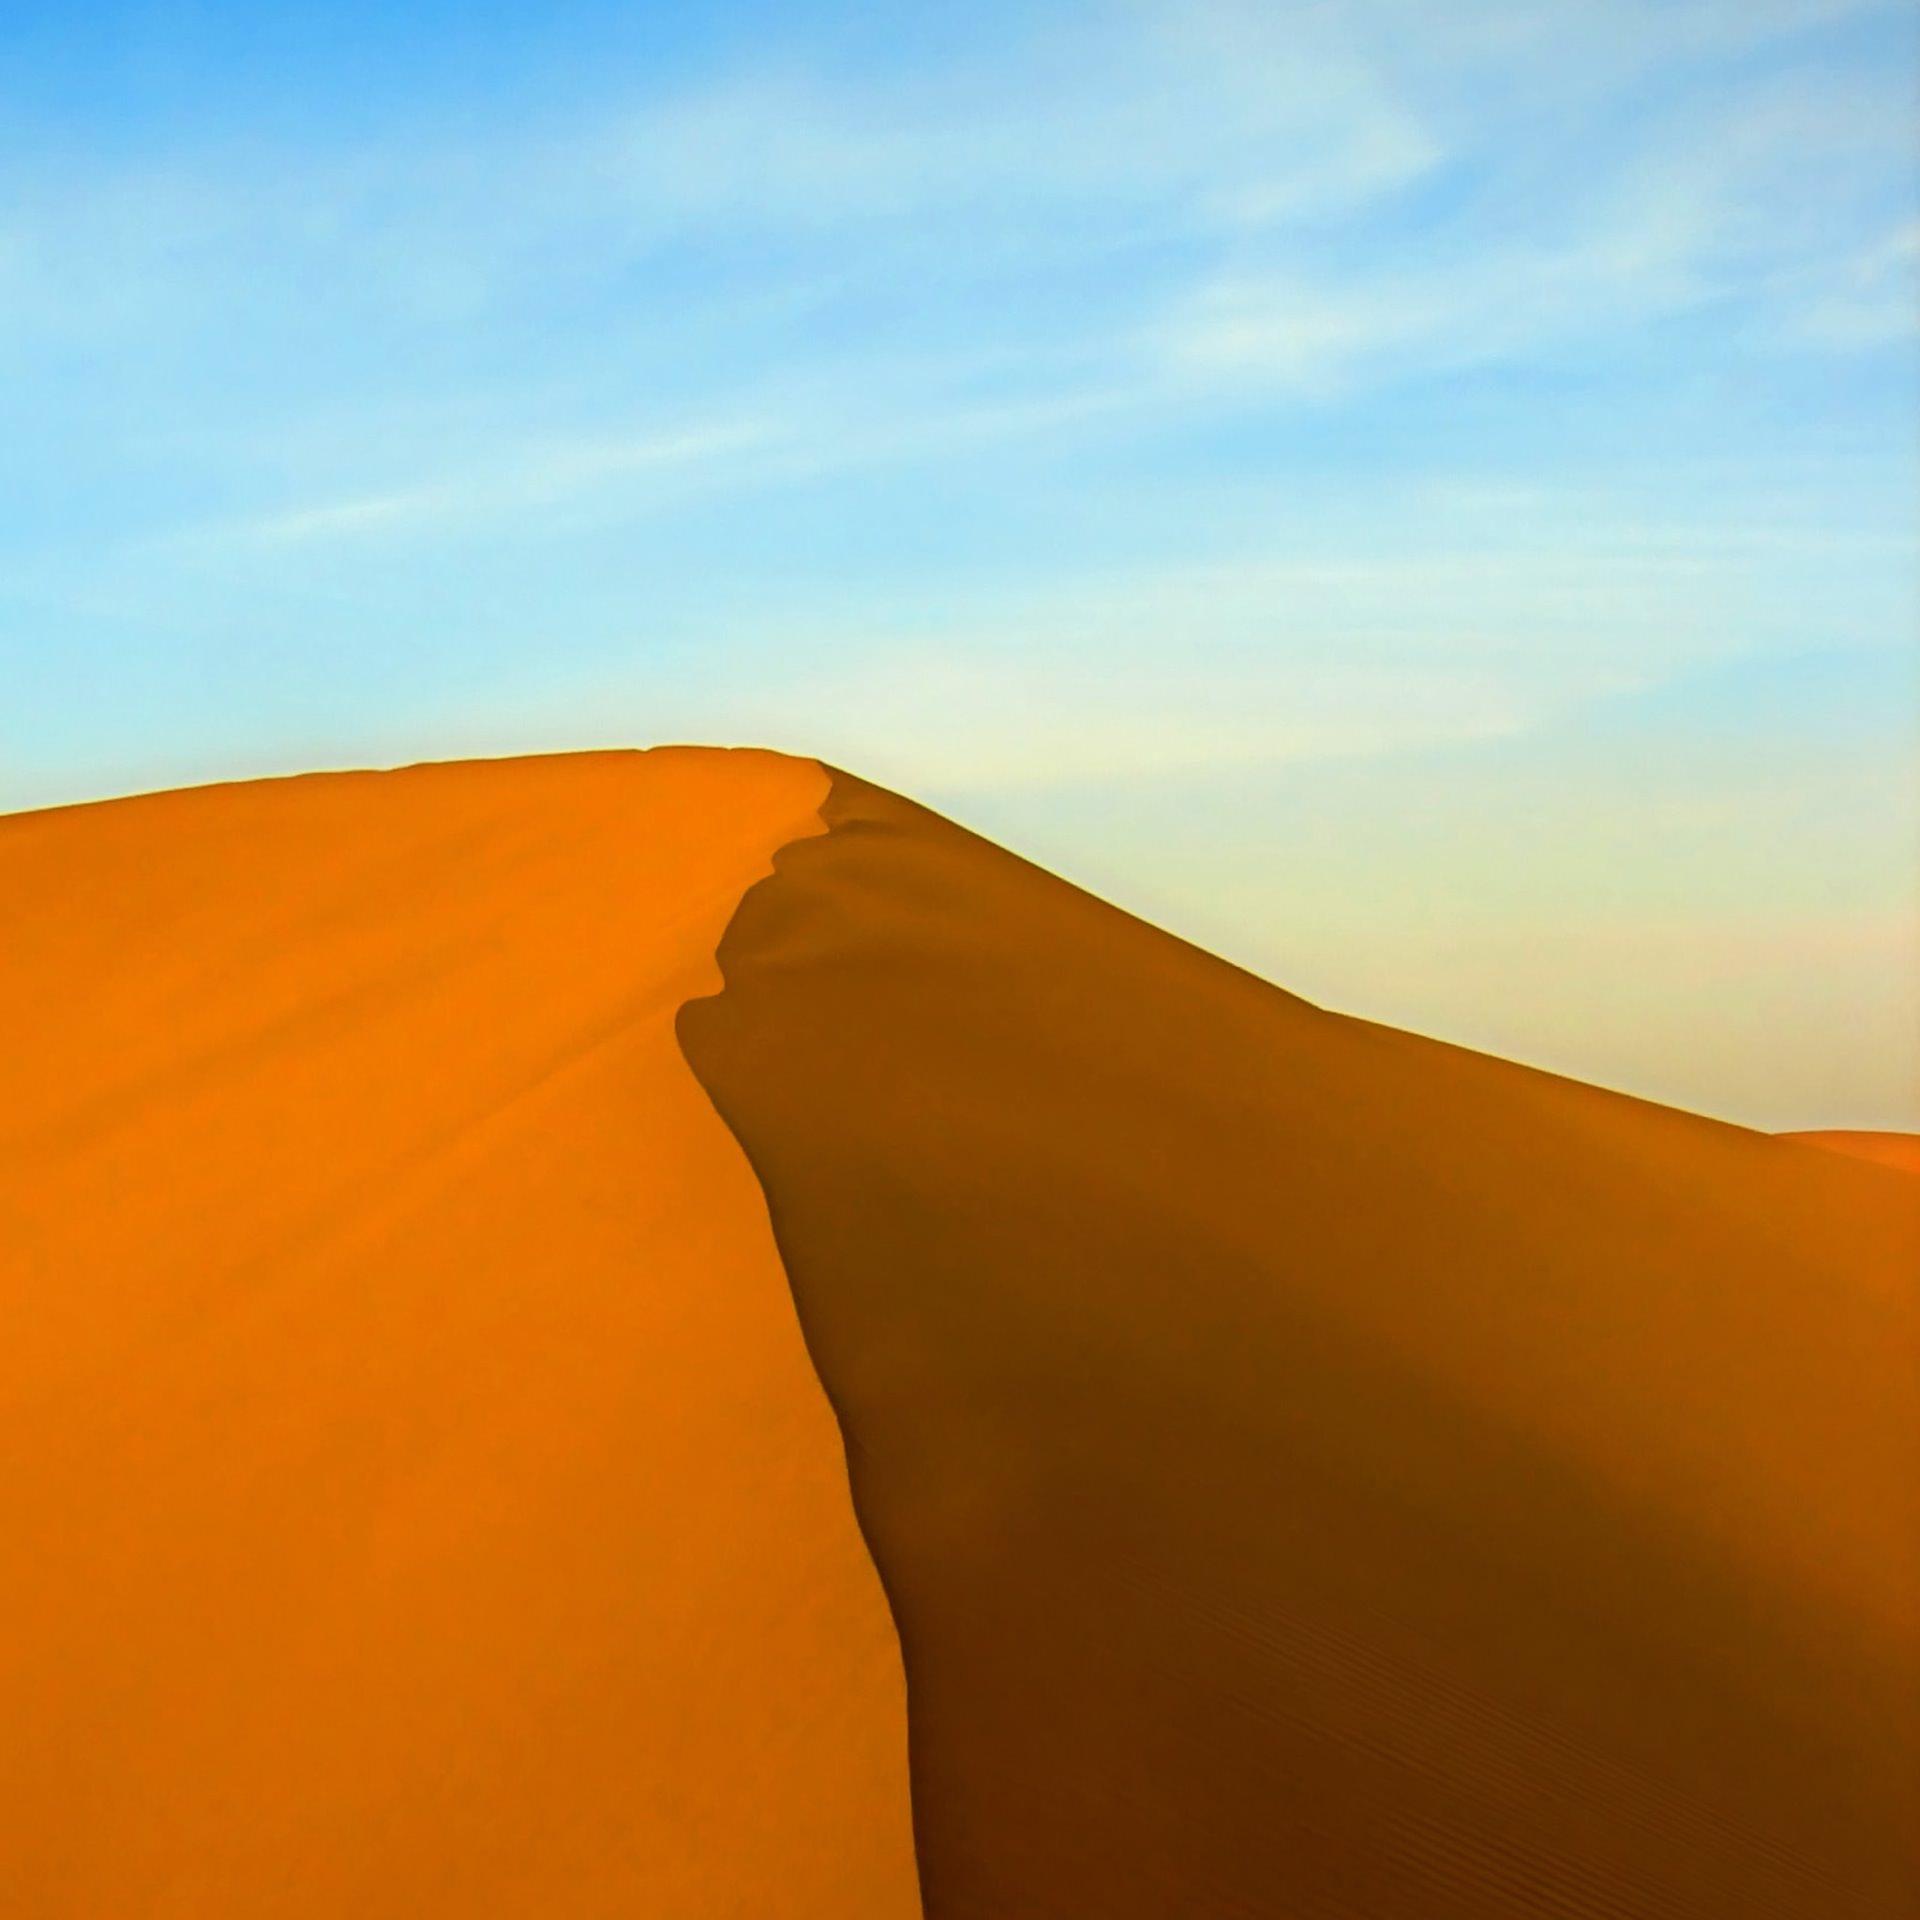 砂漠の丘陵 Android壁紙